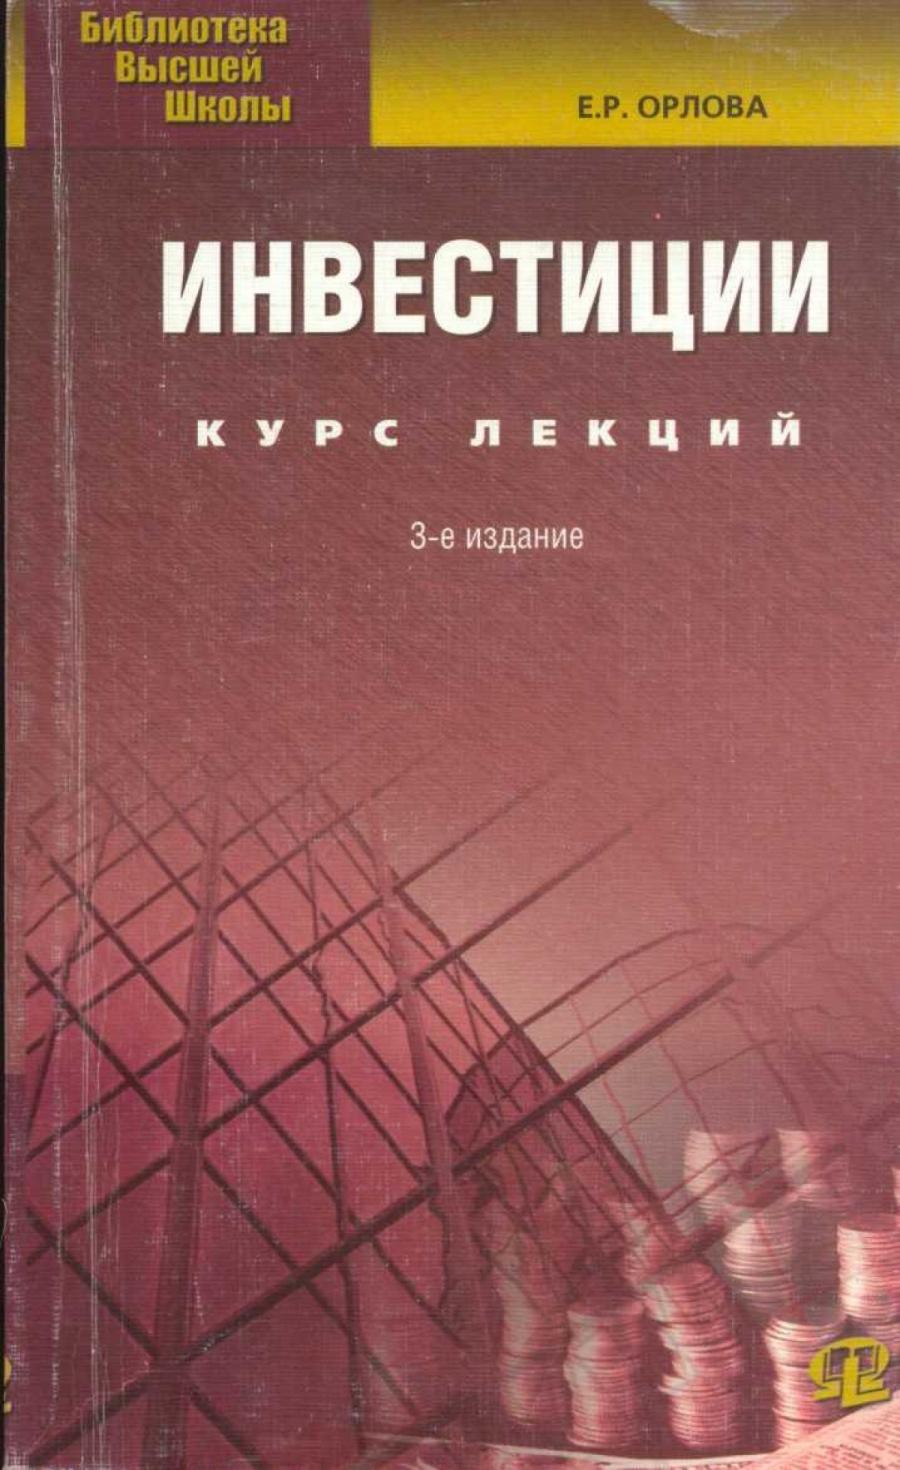 Обложка книги:  орлова е. р. - инвестиции. курс лекций.